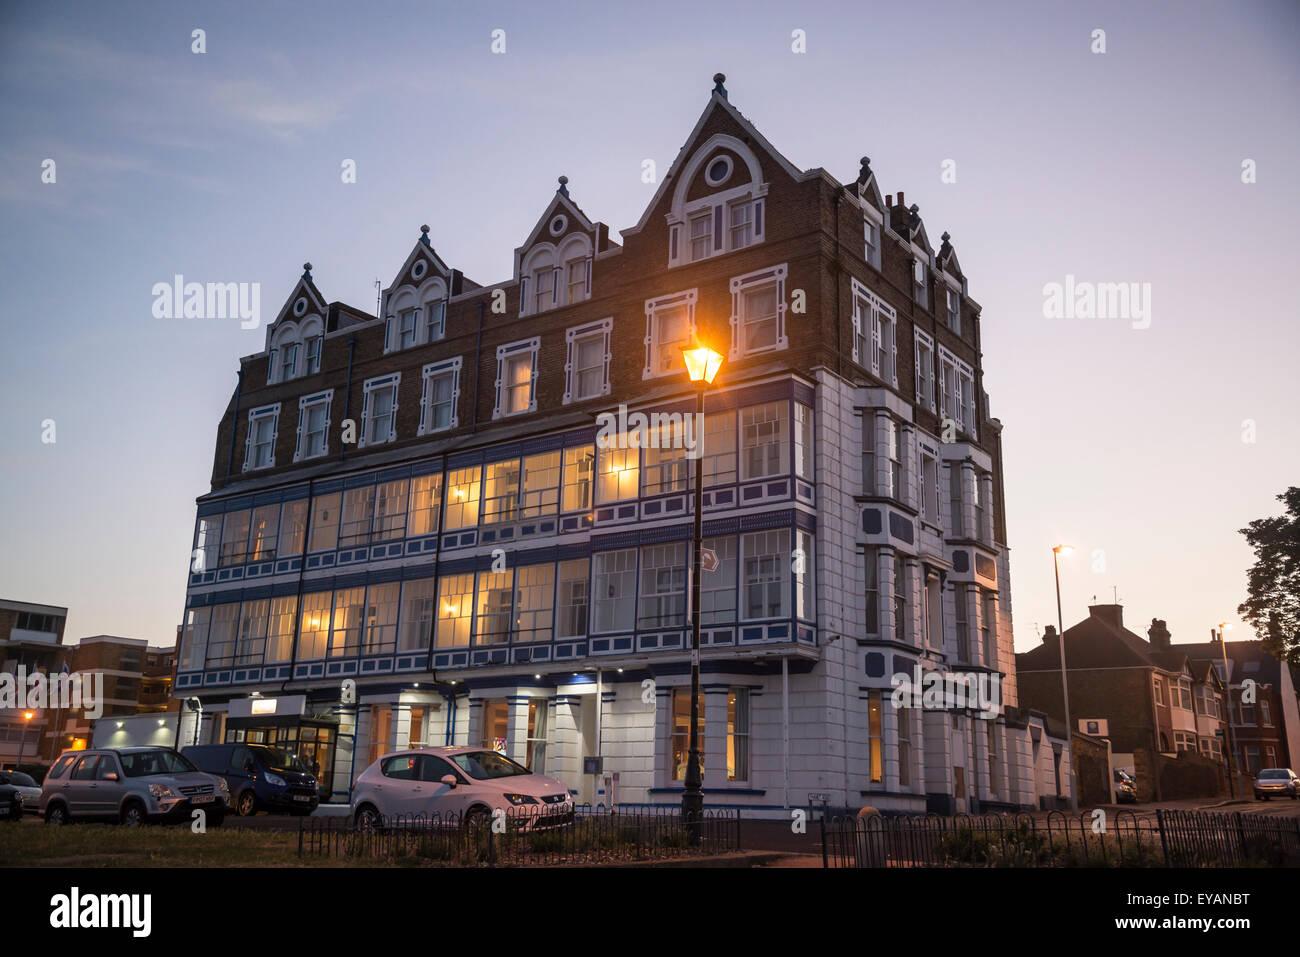 Comfort Inn Hotel, Ramsgate, Kent, Inglaterra, Reino Unido. Imagen De Stock